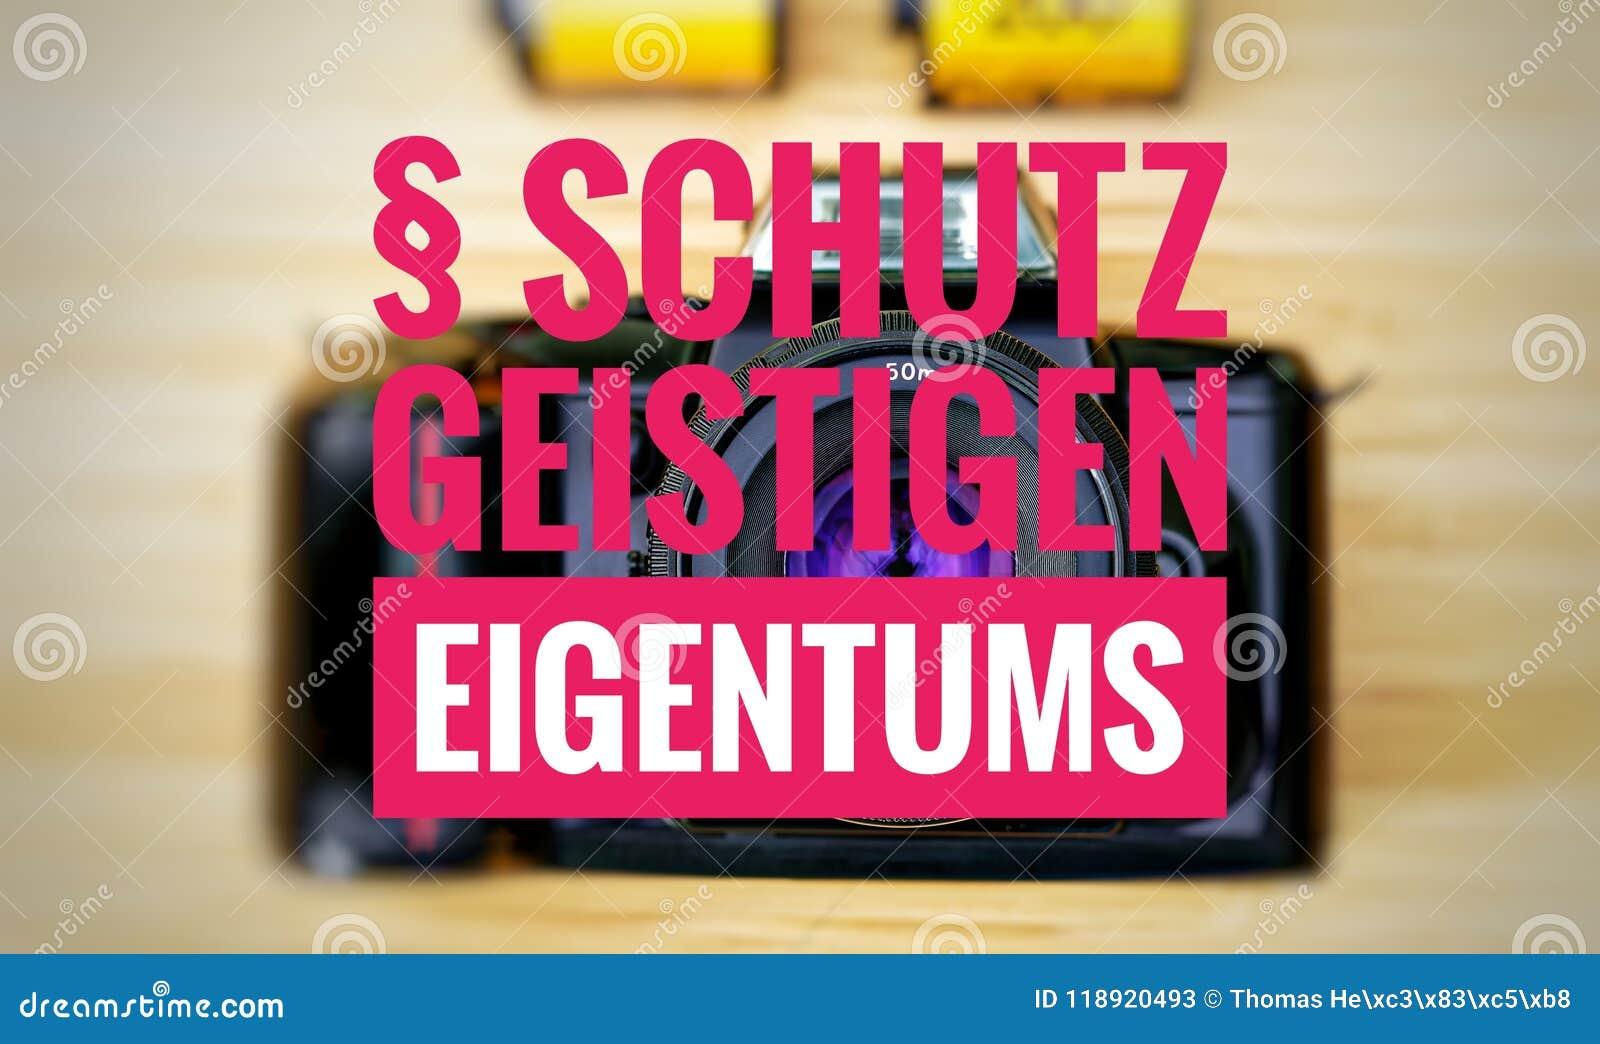 Macchina fotografica con in tedesco il geistigen Eigentums di Schutz nella protezione del englisch della proprietà intellettuale